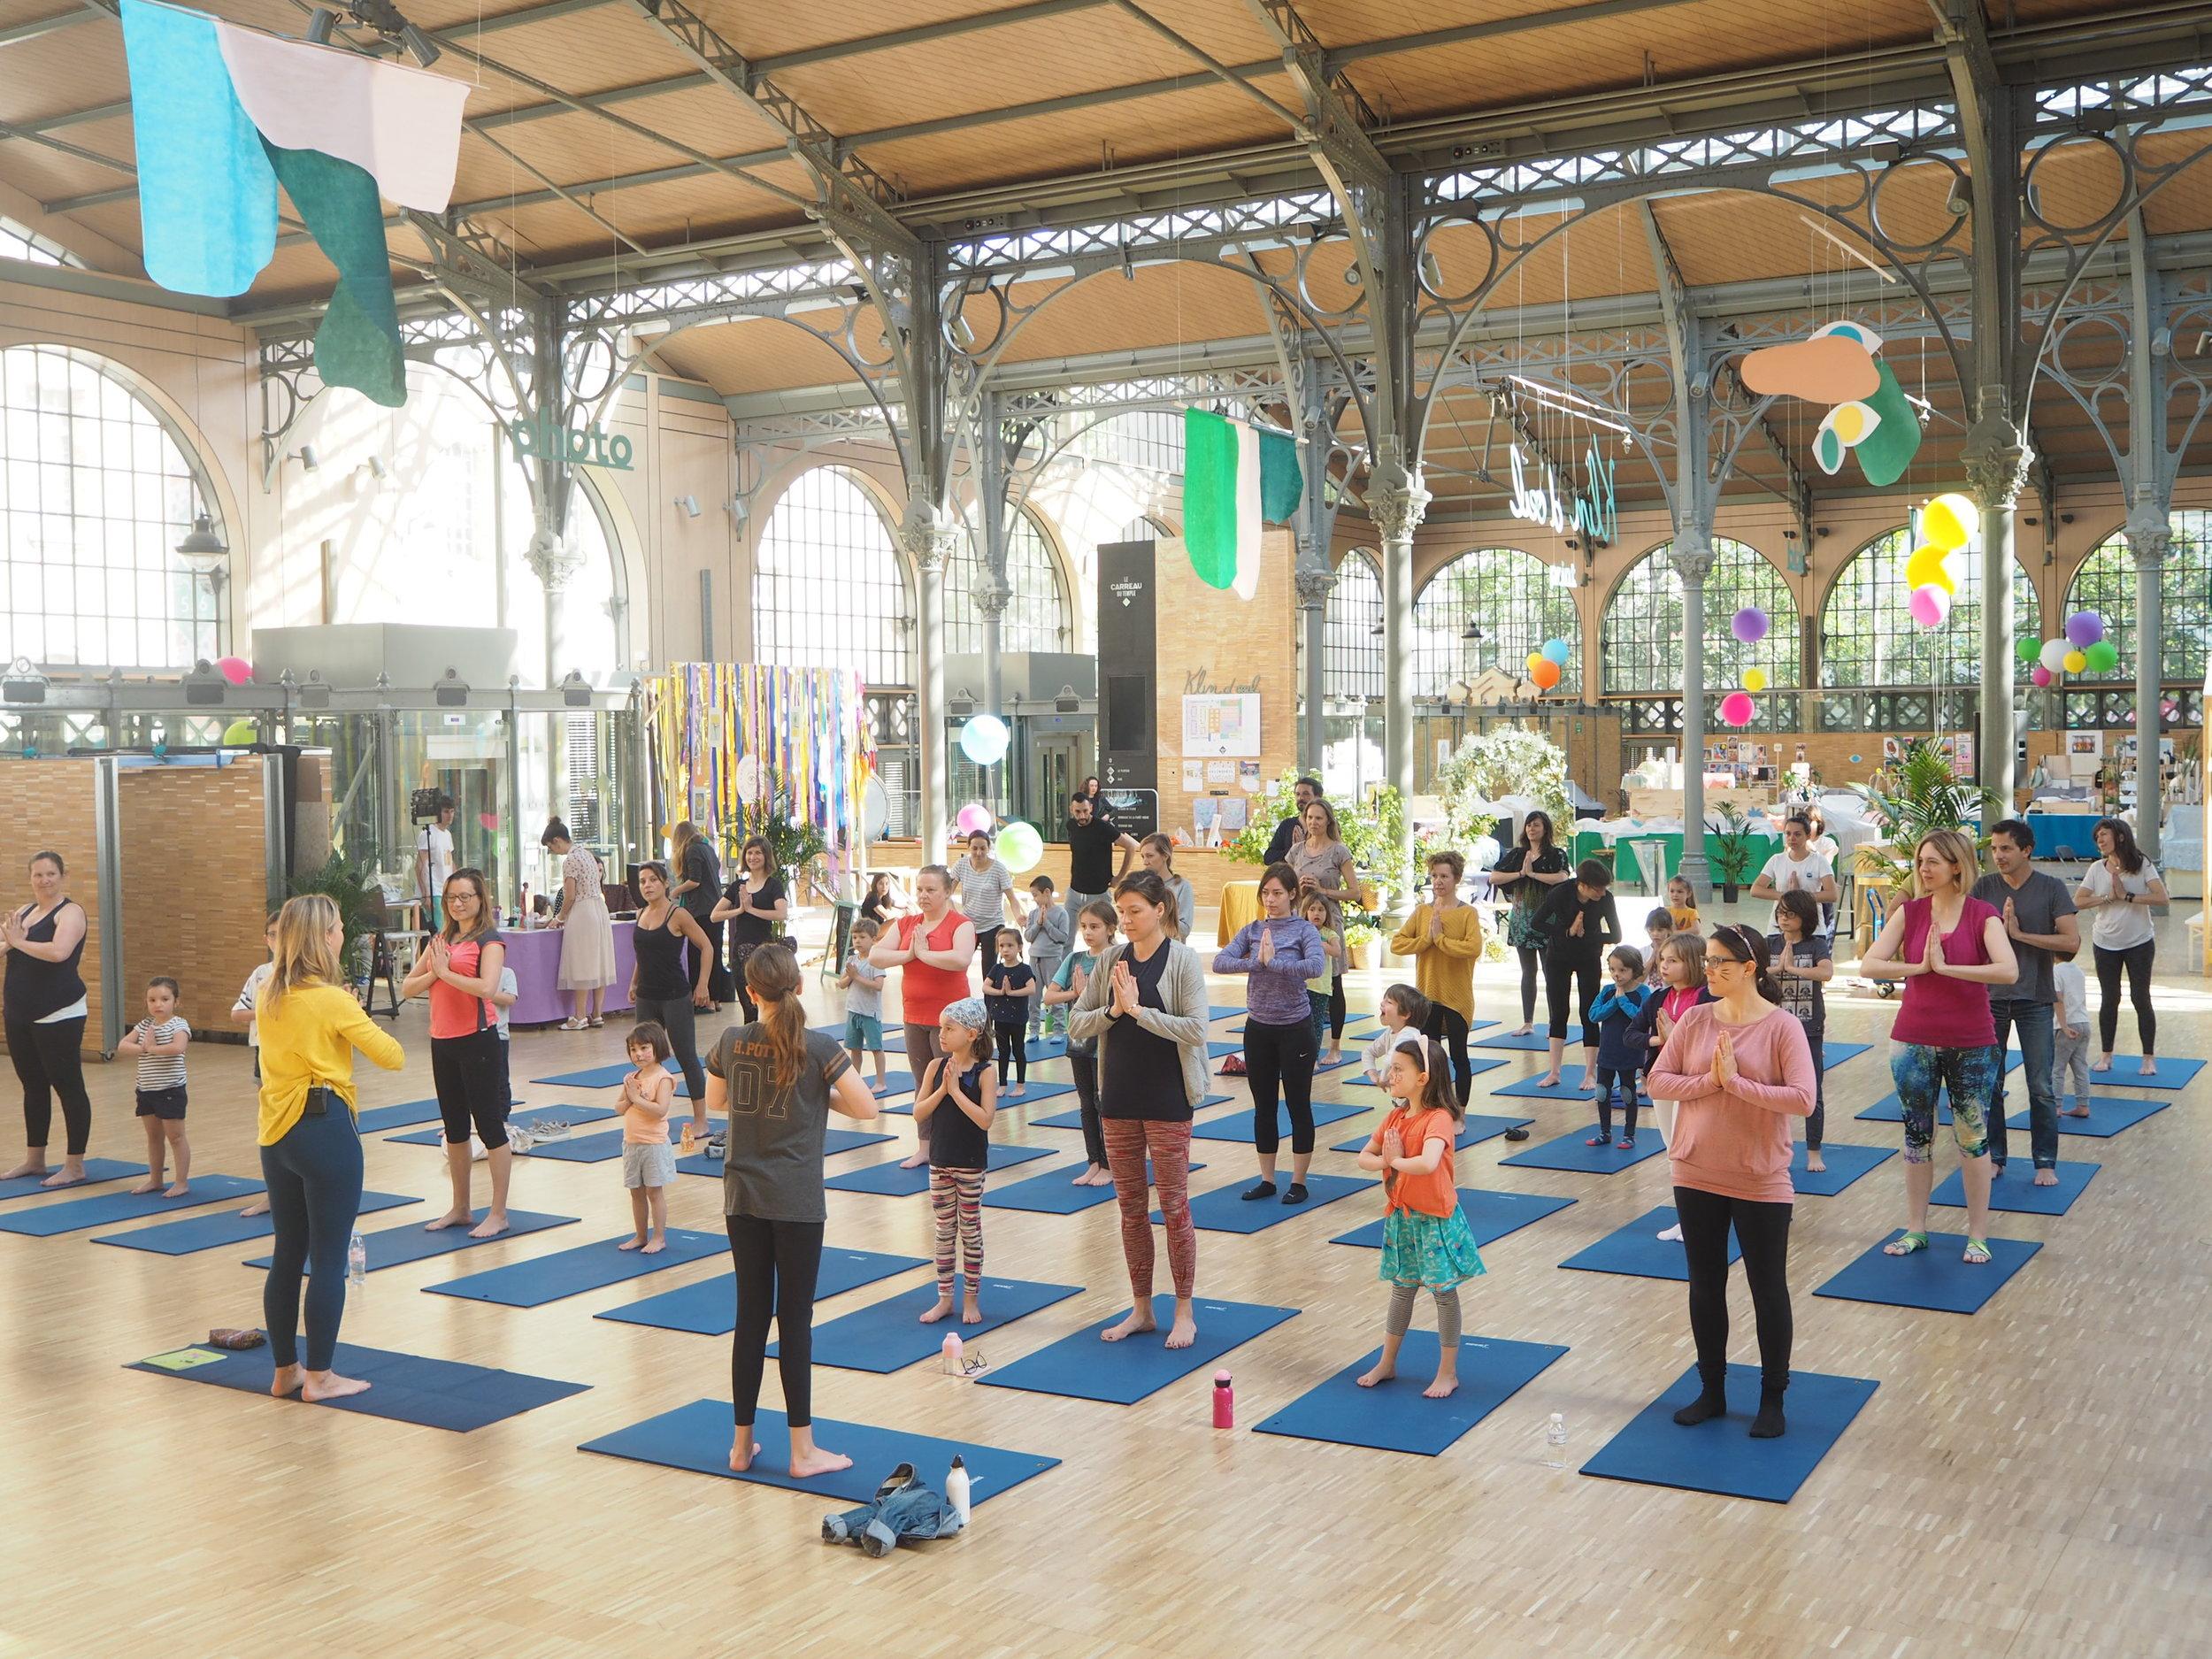 yogamini / parent & enfant - Une séance de yoga géante insolite !Venez en famille partager un moment de détente ludique autour de postures simples de yoga, pratiquées en pleine conscience. La séance sera conduite par Ulrika Dezé. Pour les enfants à partir de 5 ans accompagnés de leur(s) parent(s). Tarif 10 euros par personne.dimanche 28 avril de 10h à10h45www.yogamini.frles inscriptions se font par ici :https://www.billetweb.fr/yoga-en-famille